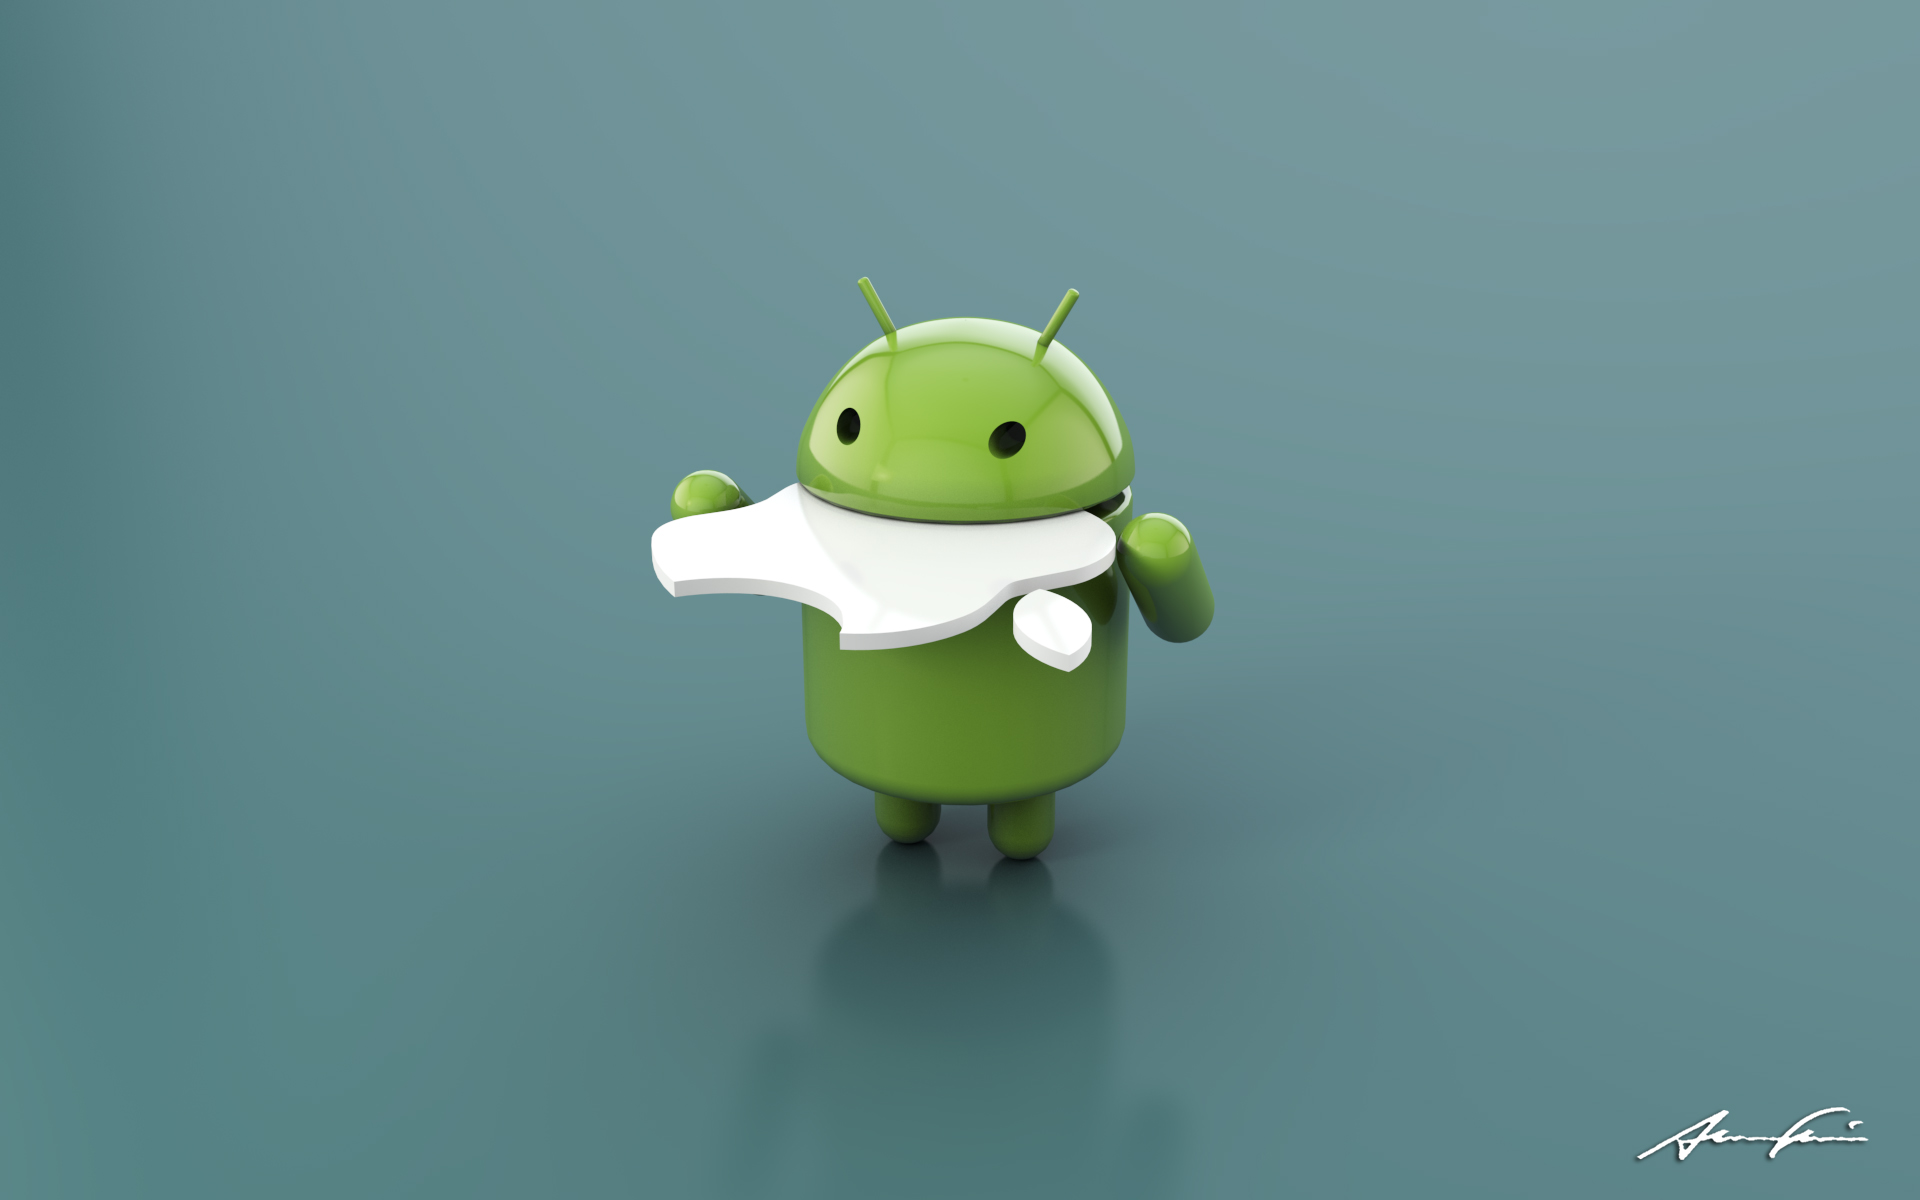 Обои На Телефон Андроид Скачать Бесплатно Прикольные